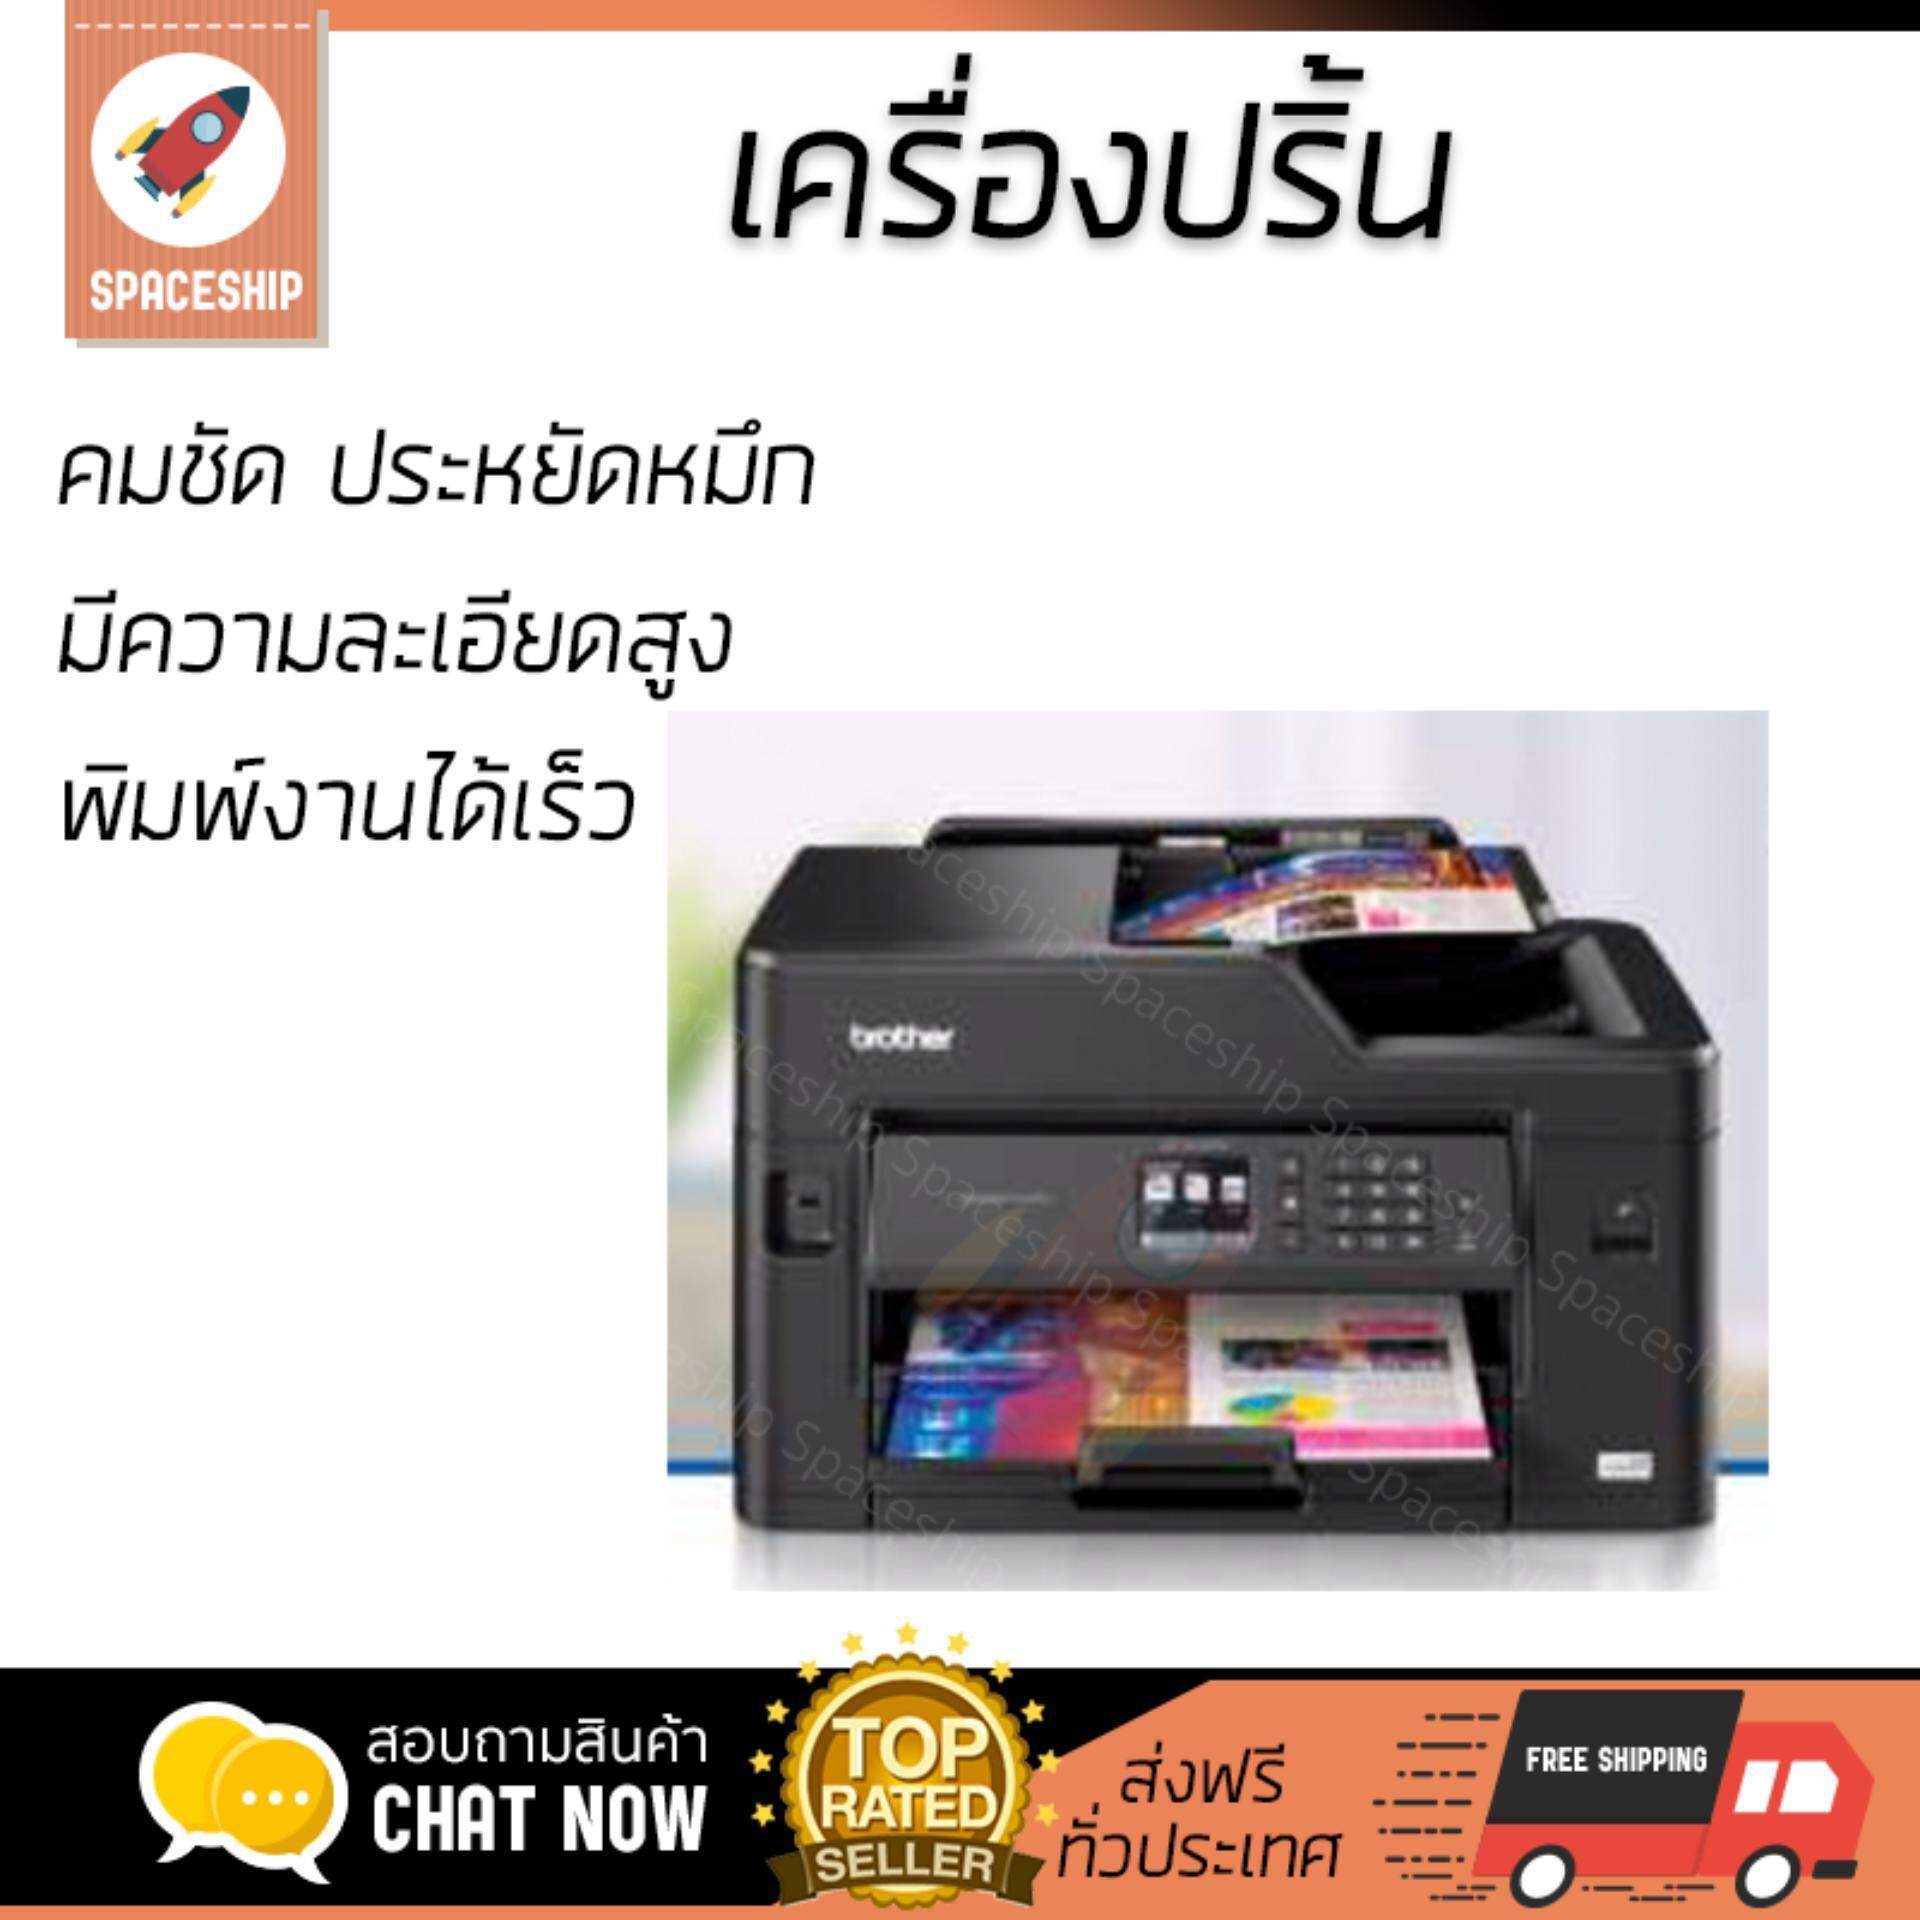 โปรโมชัน เครื่องพิมพ์           BROTHER มัลติฟังก์ชั่น ปริ้นเตอร์ อิงค์เจ็ท 6 in 1 รุ่น MFC-J2330DW             ความละเอียดสูง คมชัด ประหยัดหมึก เครื่องปริ้น เครื่องปริ้นท์ All in one Printer รับประก